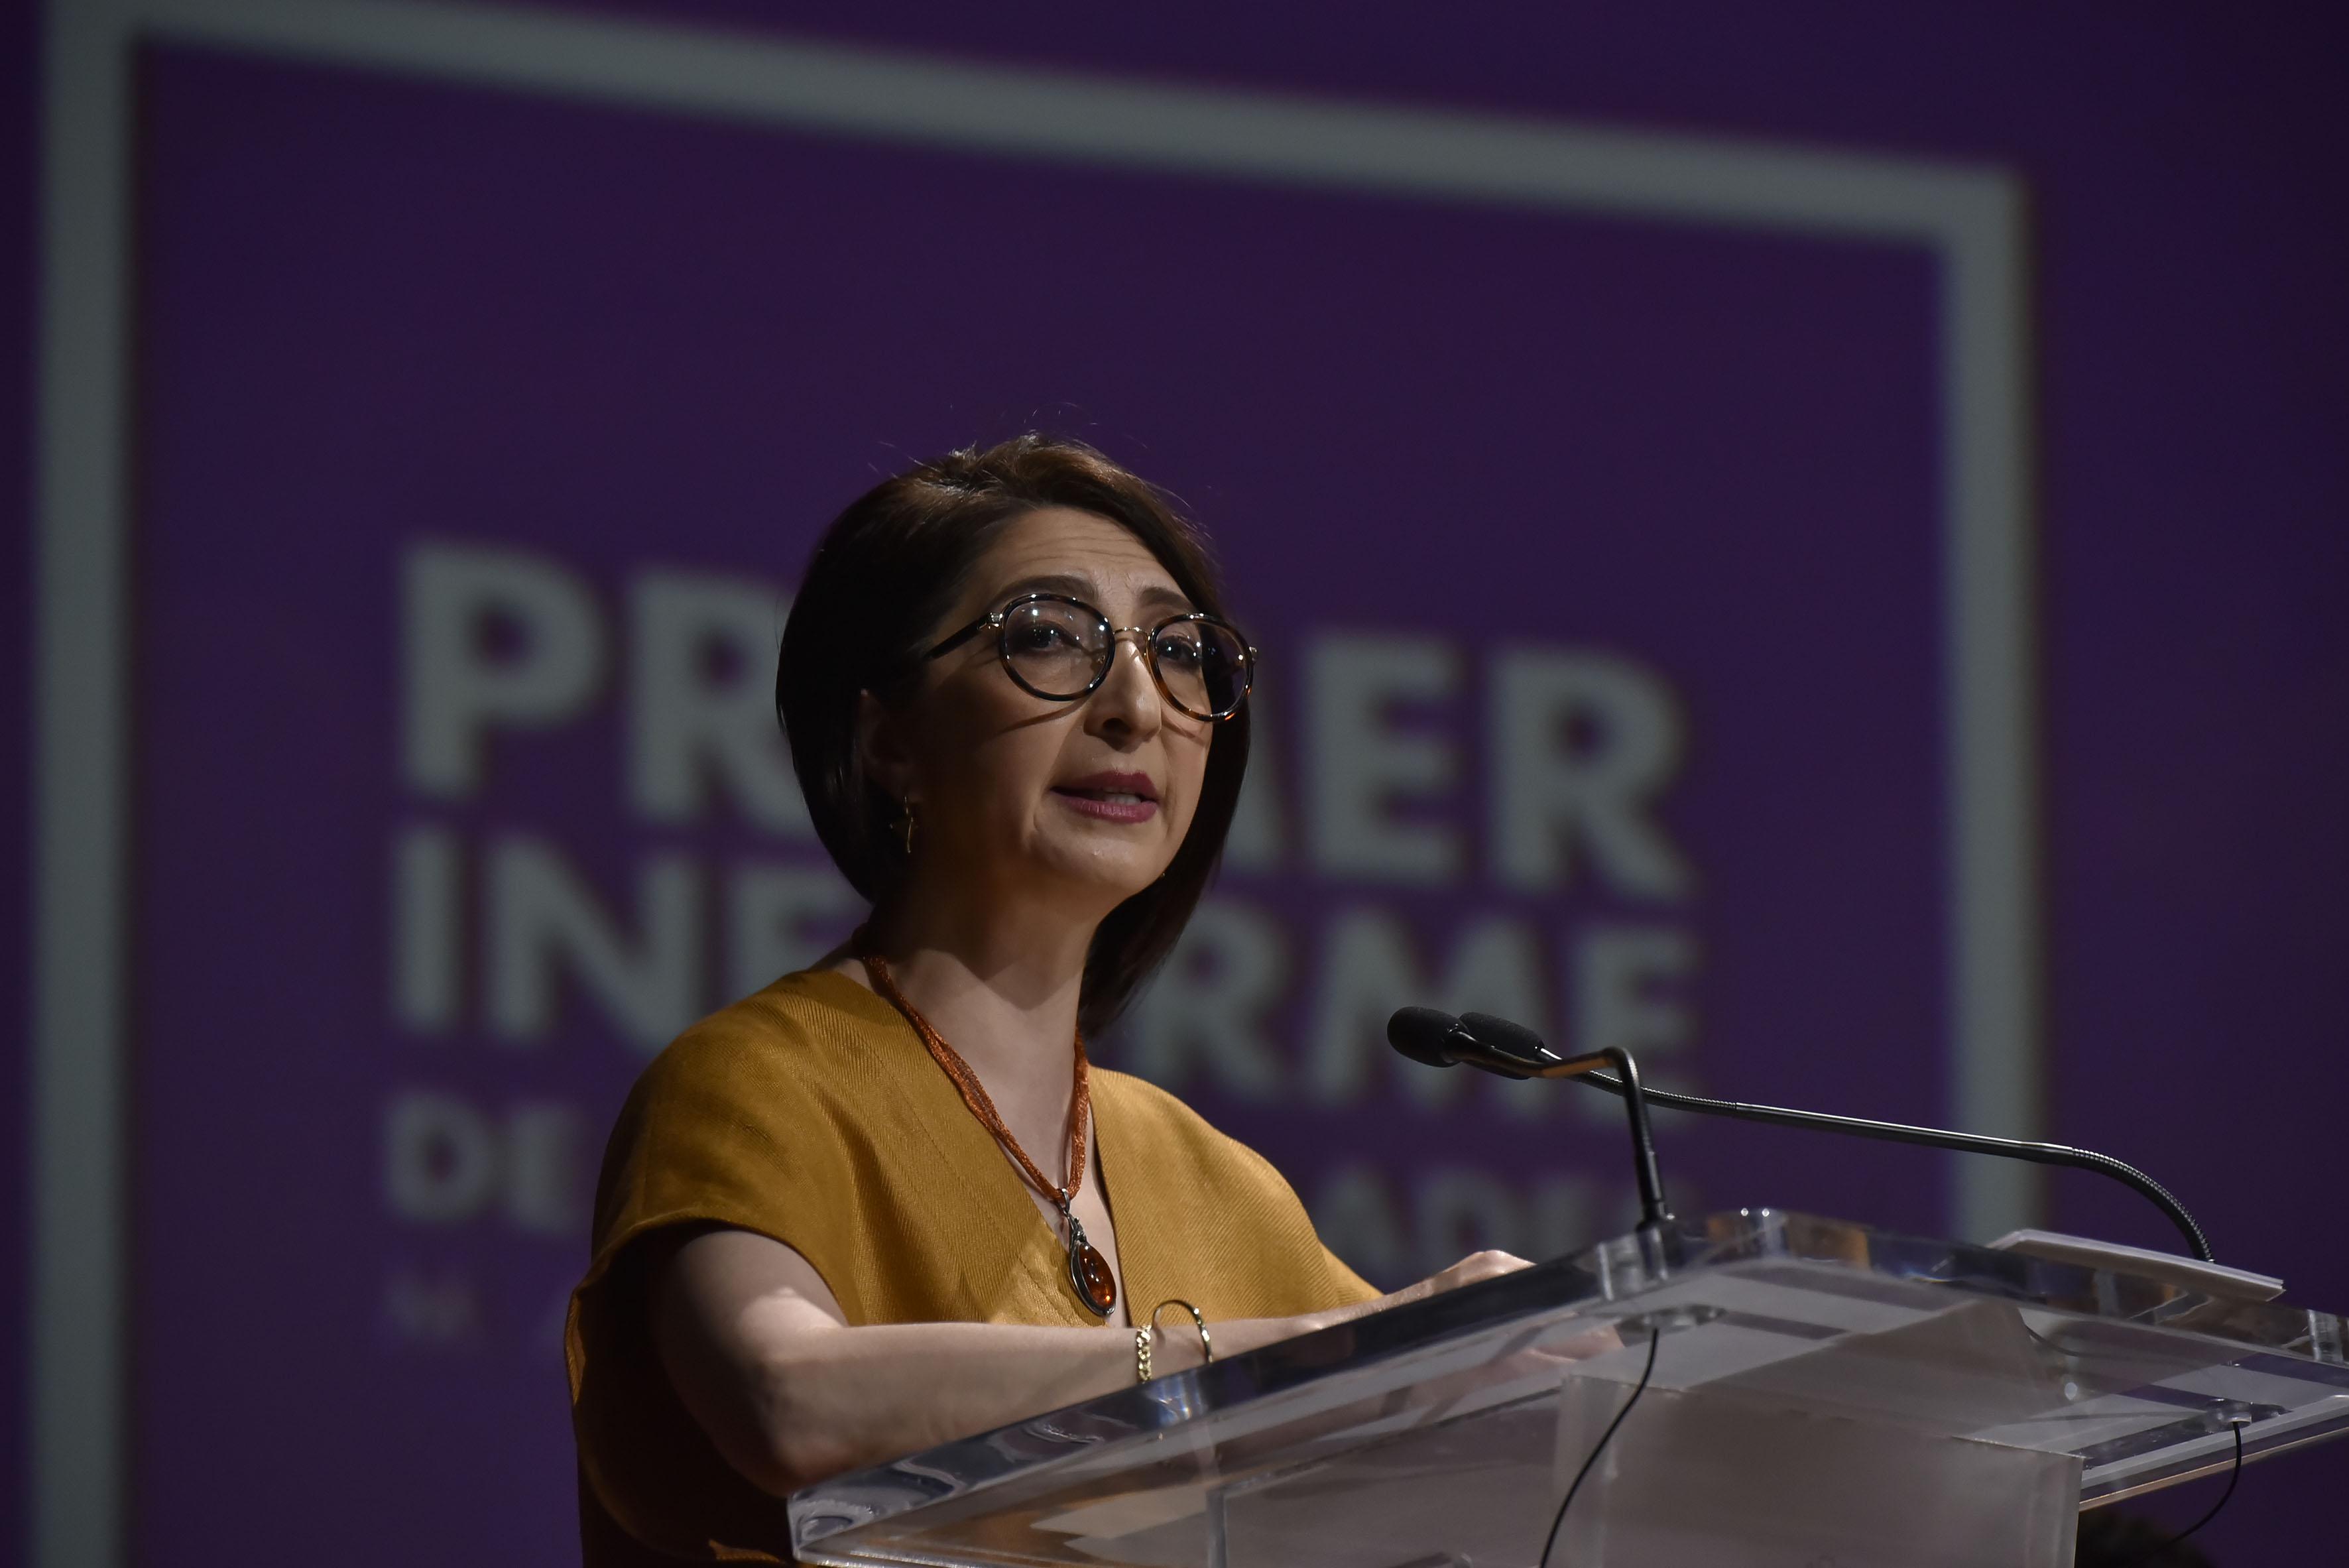 Doctora Mara Robles Villaseñor, Rectora de CUALTOS, en podium del auditorio, haciendo uso de la palabra.